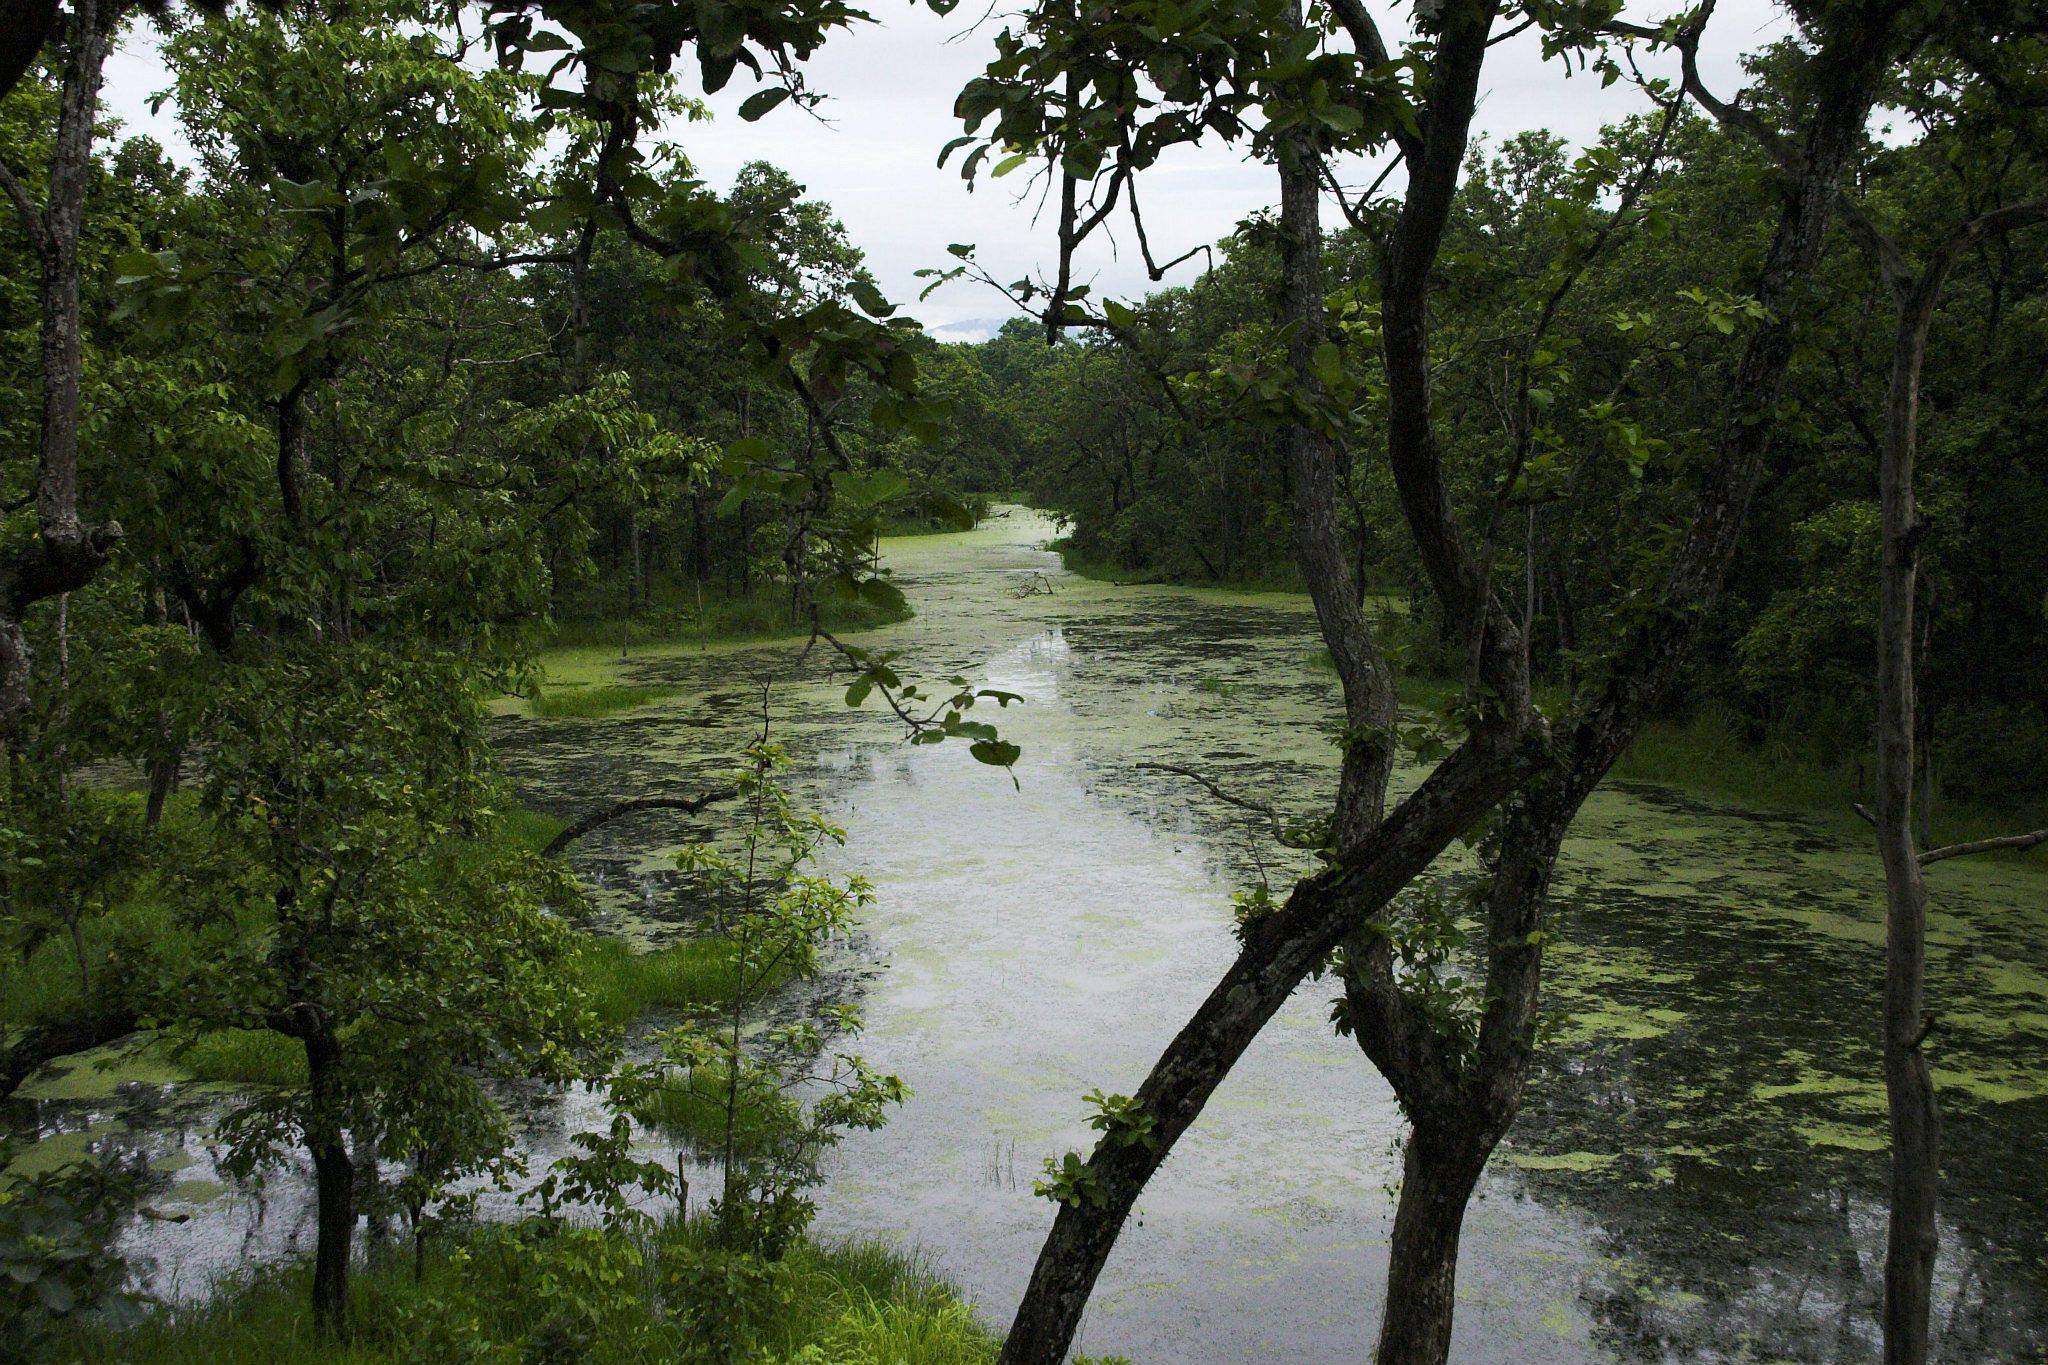 Jungle view by jokumzie